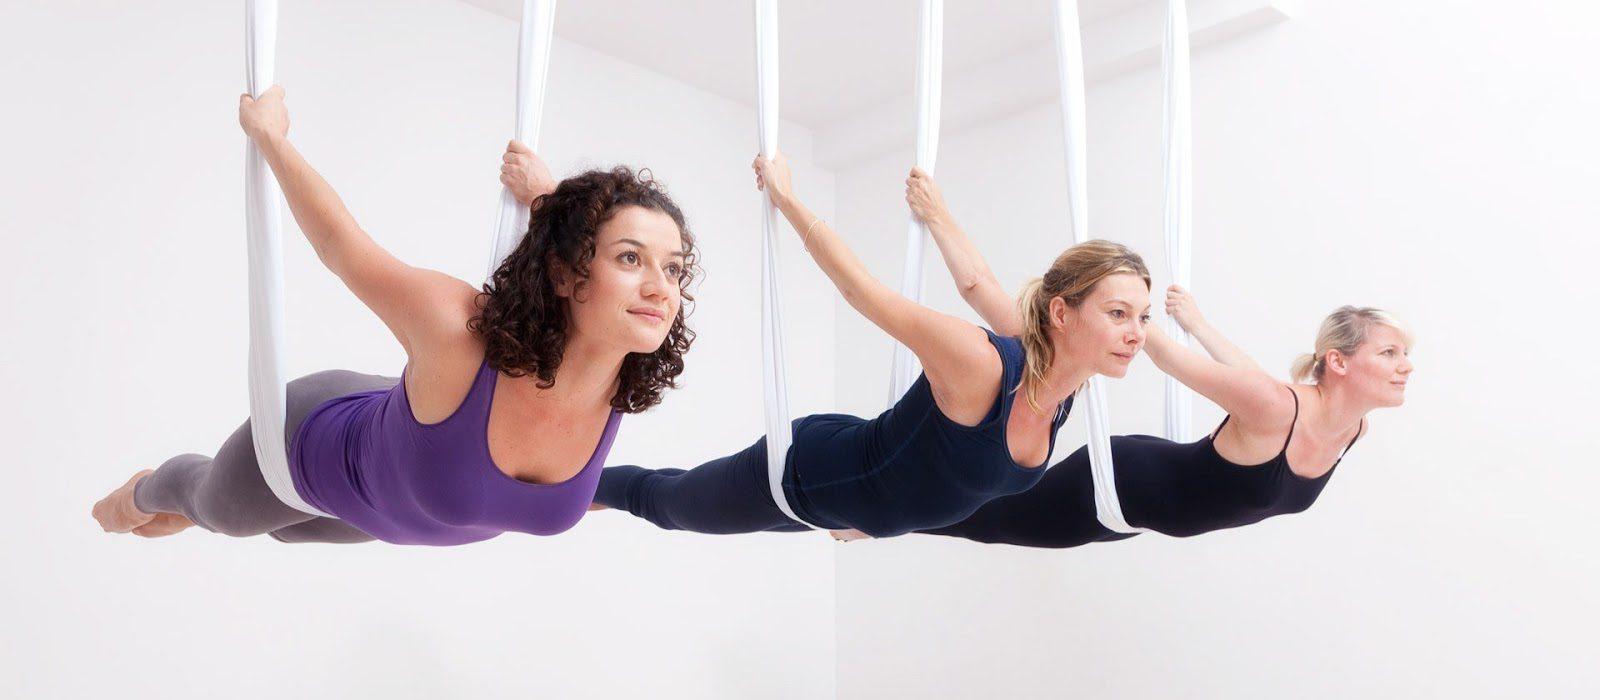 Yoga dây mang lại đam mê tập luyện thể thao cho các bạn học viên